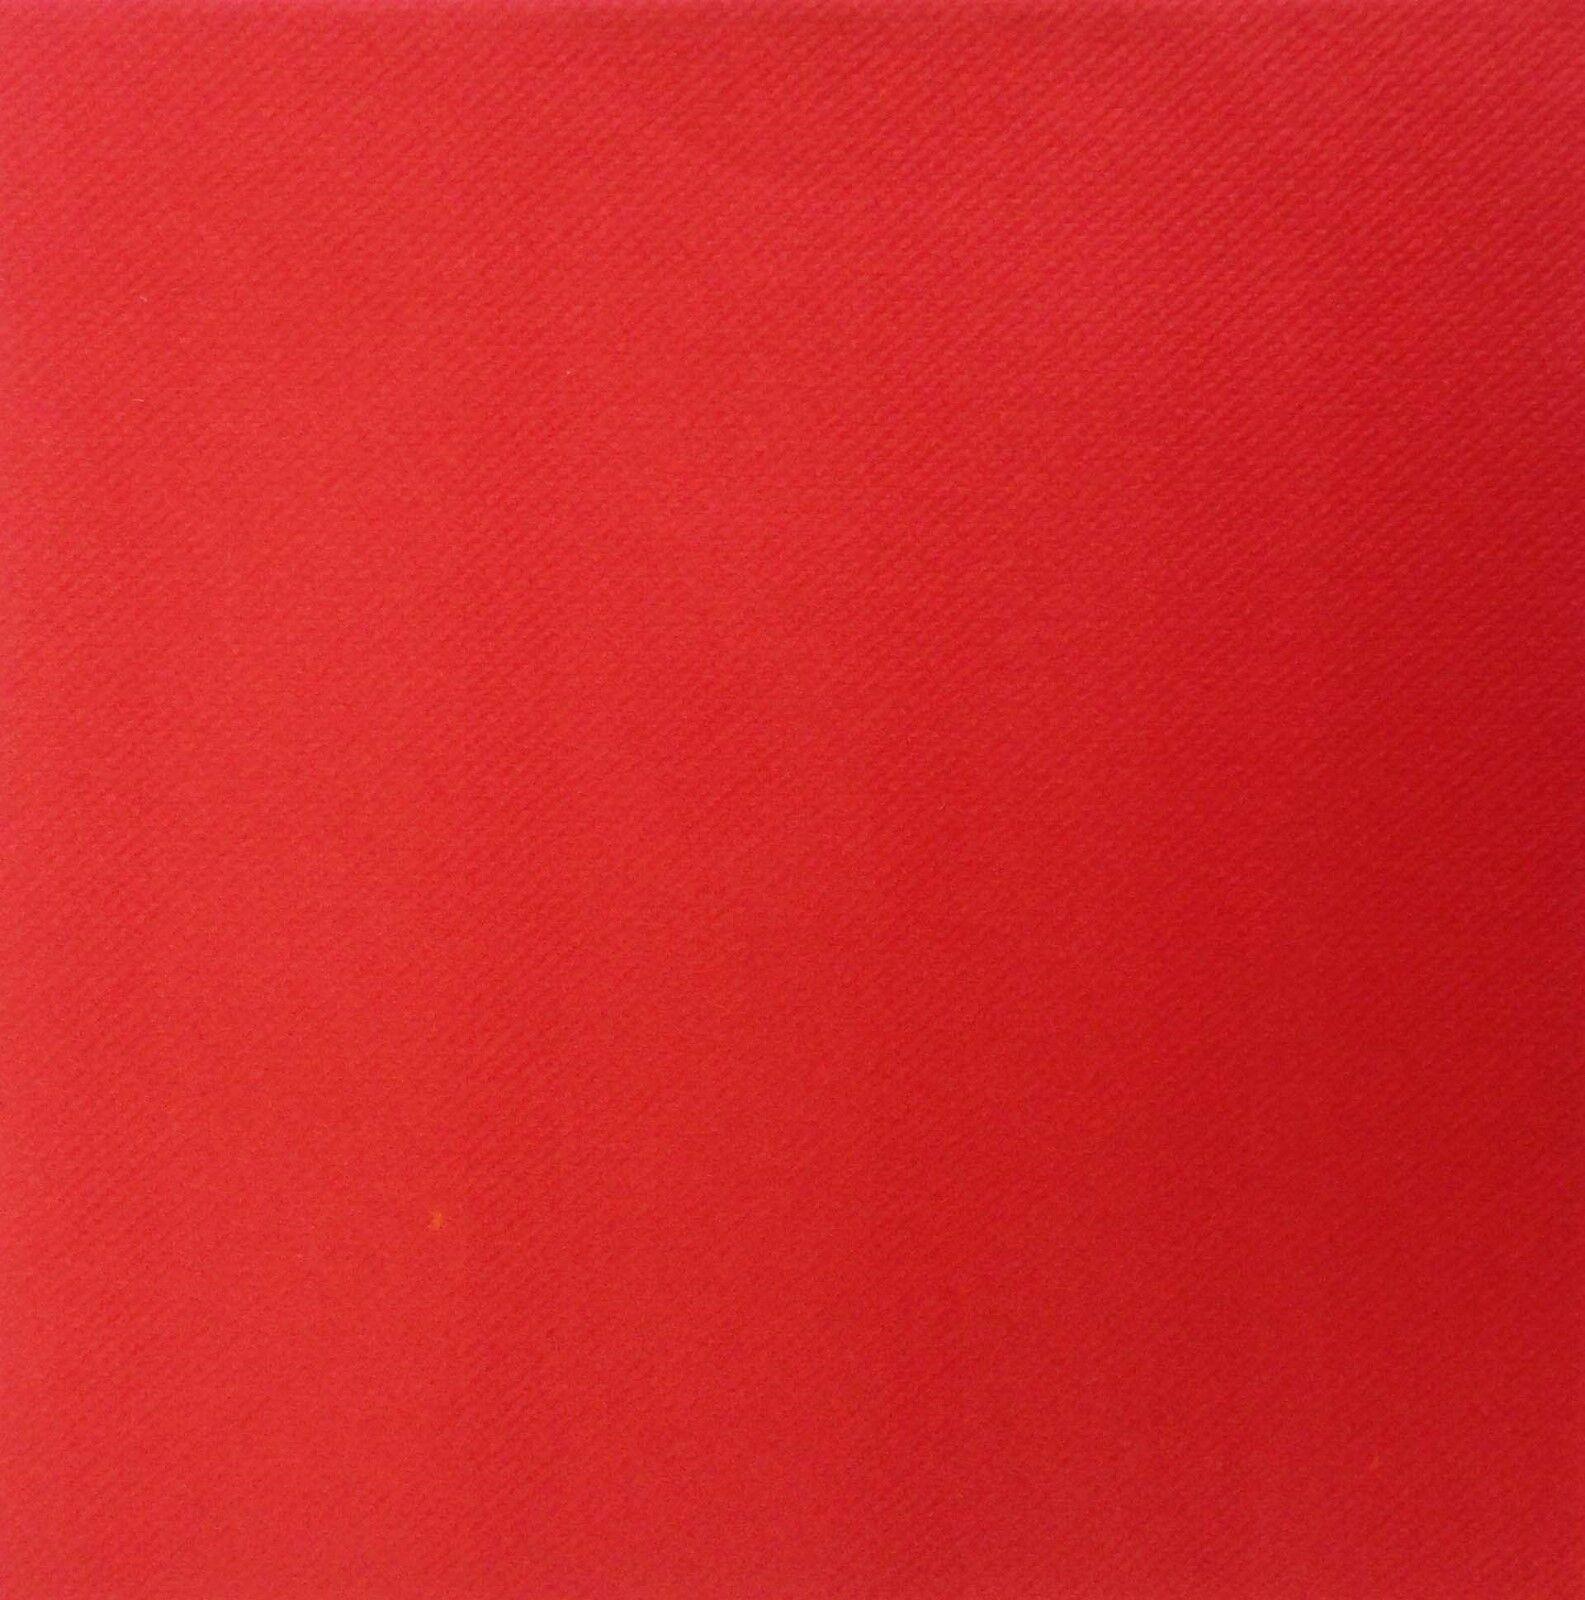 500 x Rouge tablin Toison Papier Premium serviettes 40 cm Lin Feel Serviettes